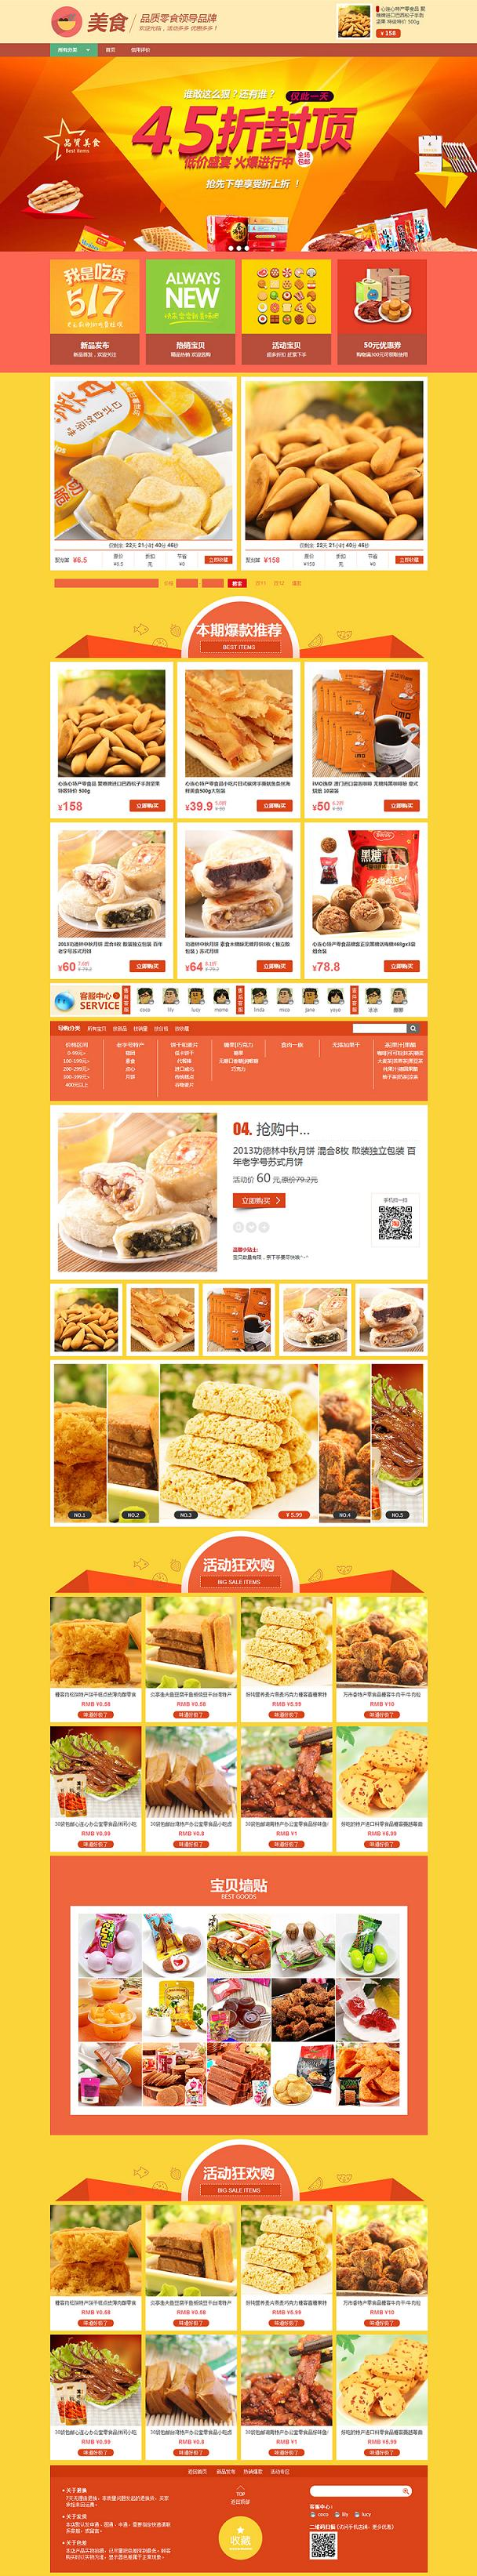 美食节-美食、零食类店铺节日淘宝店铺装修免费专业版模板